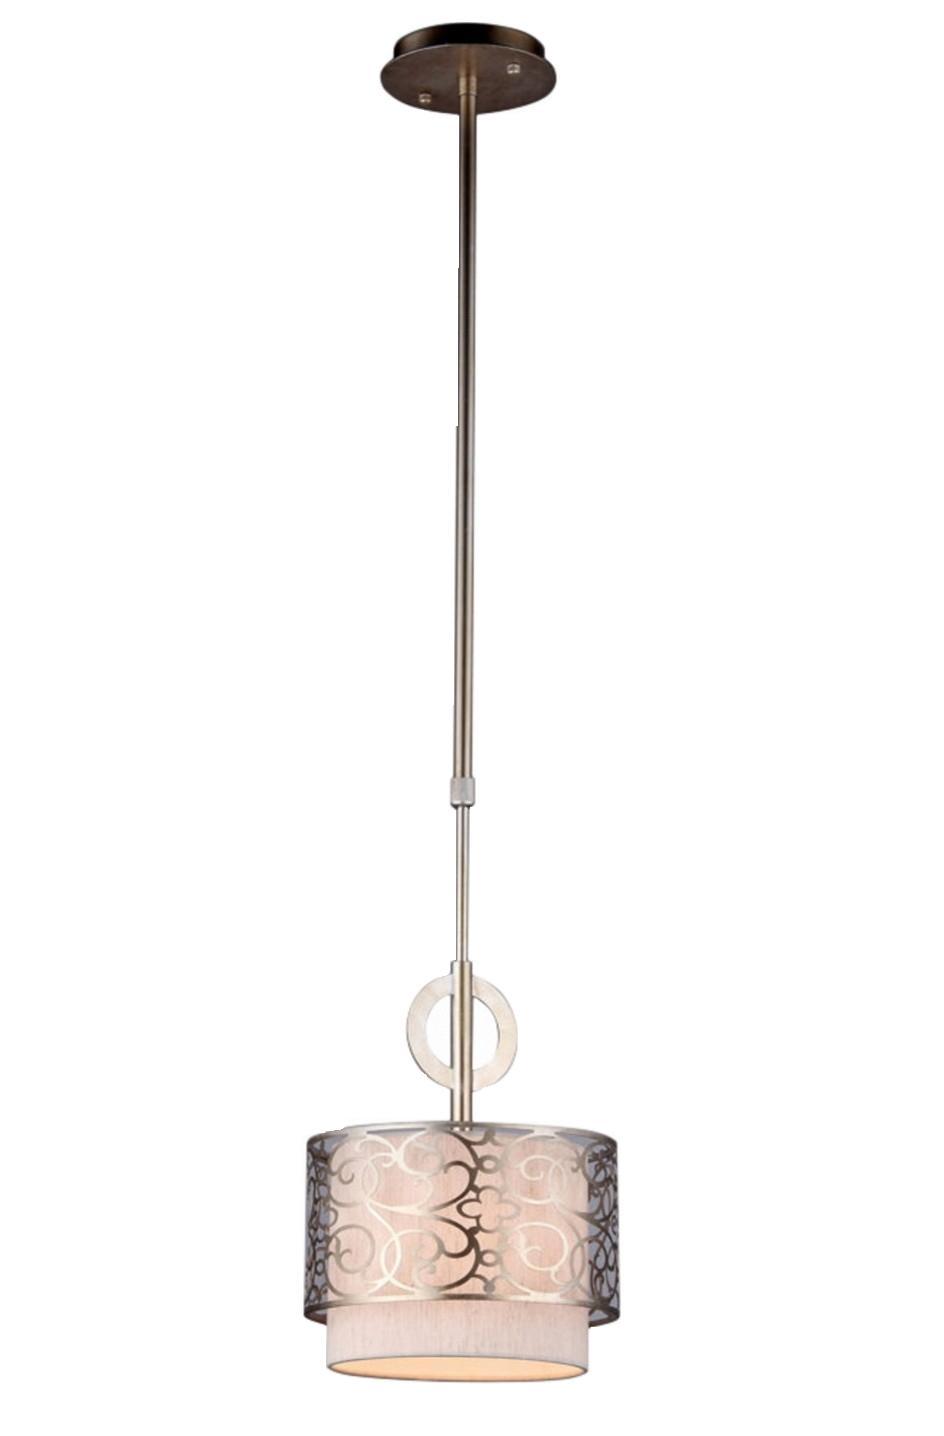 Светильник подвесной Maytoni Venera H260-00-N бежевый